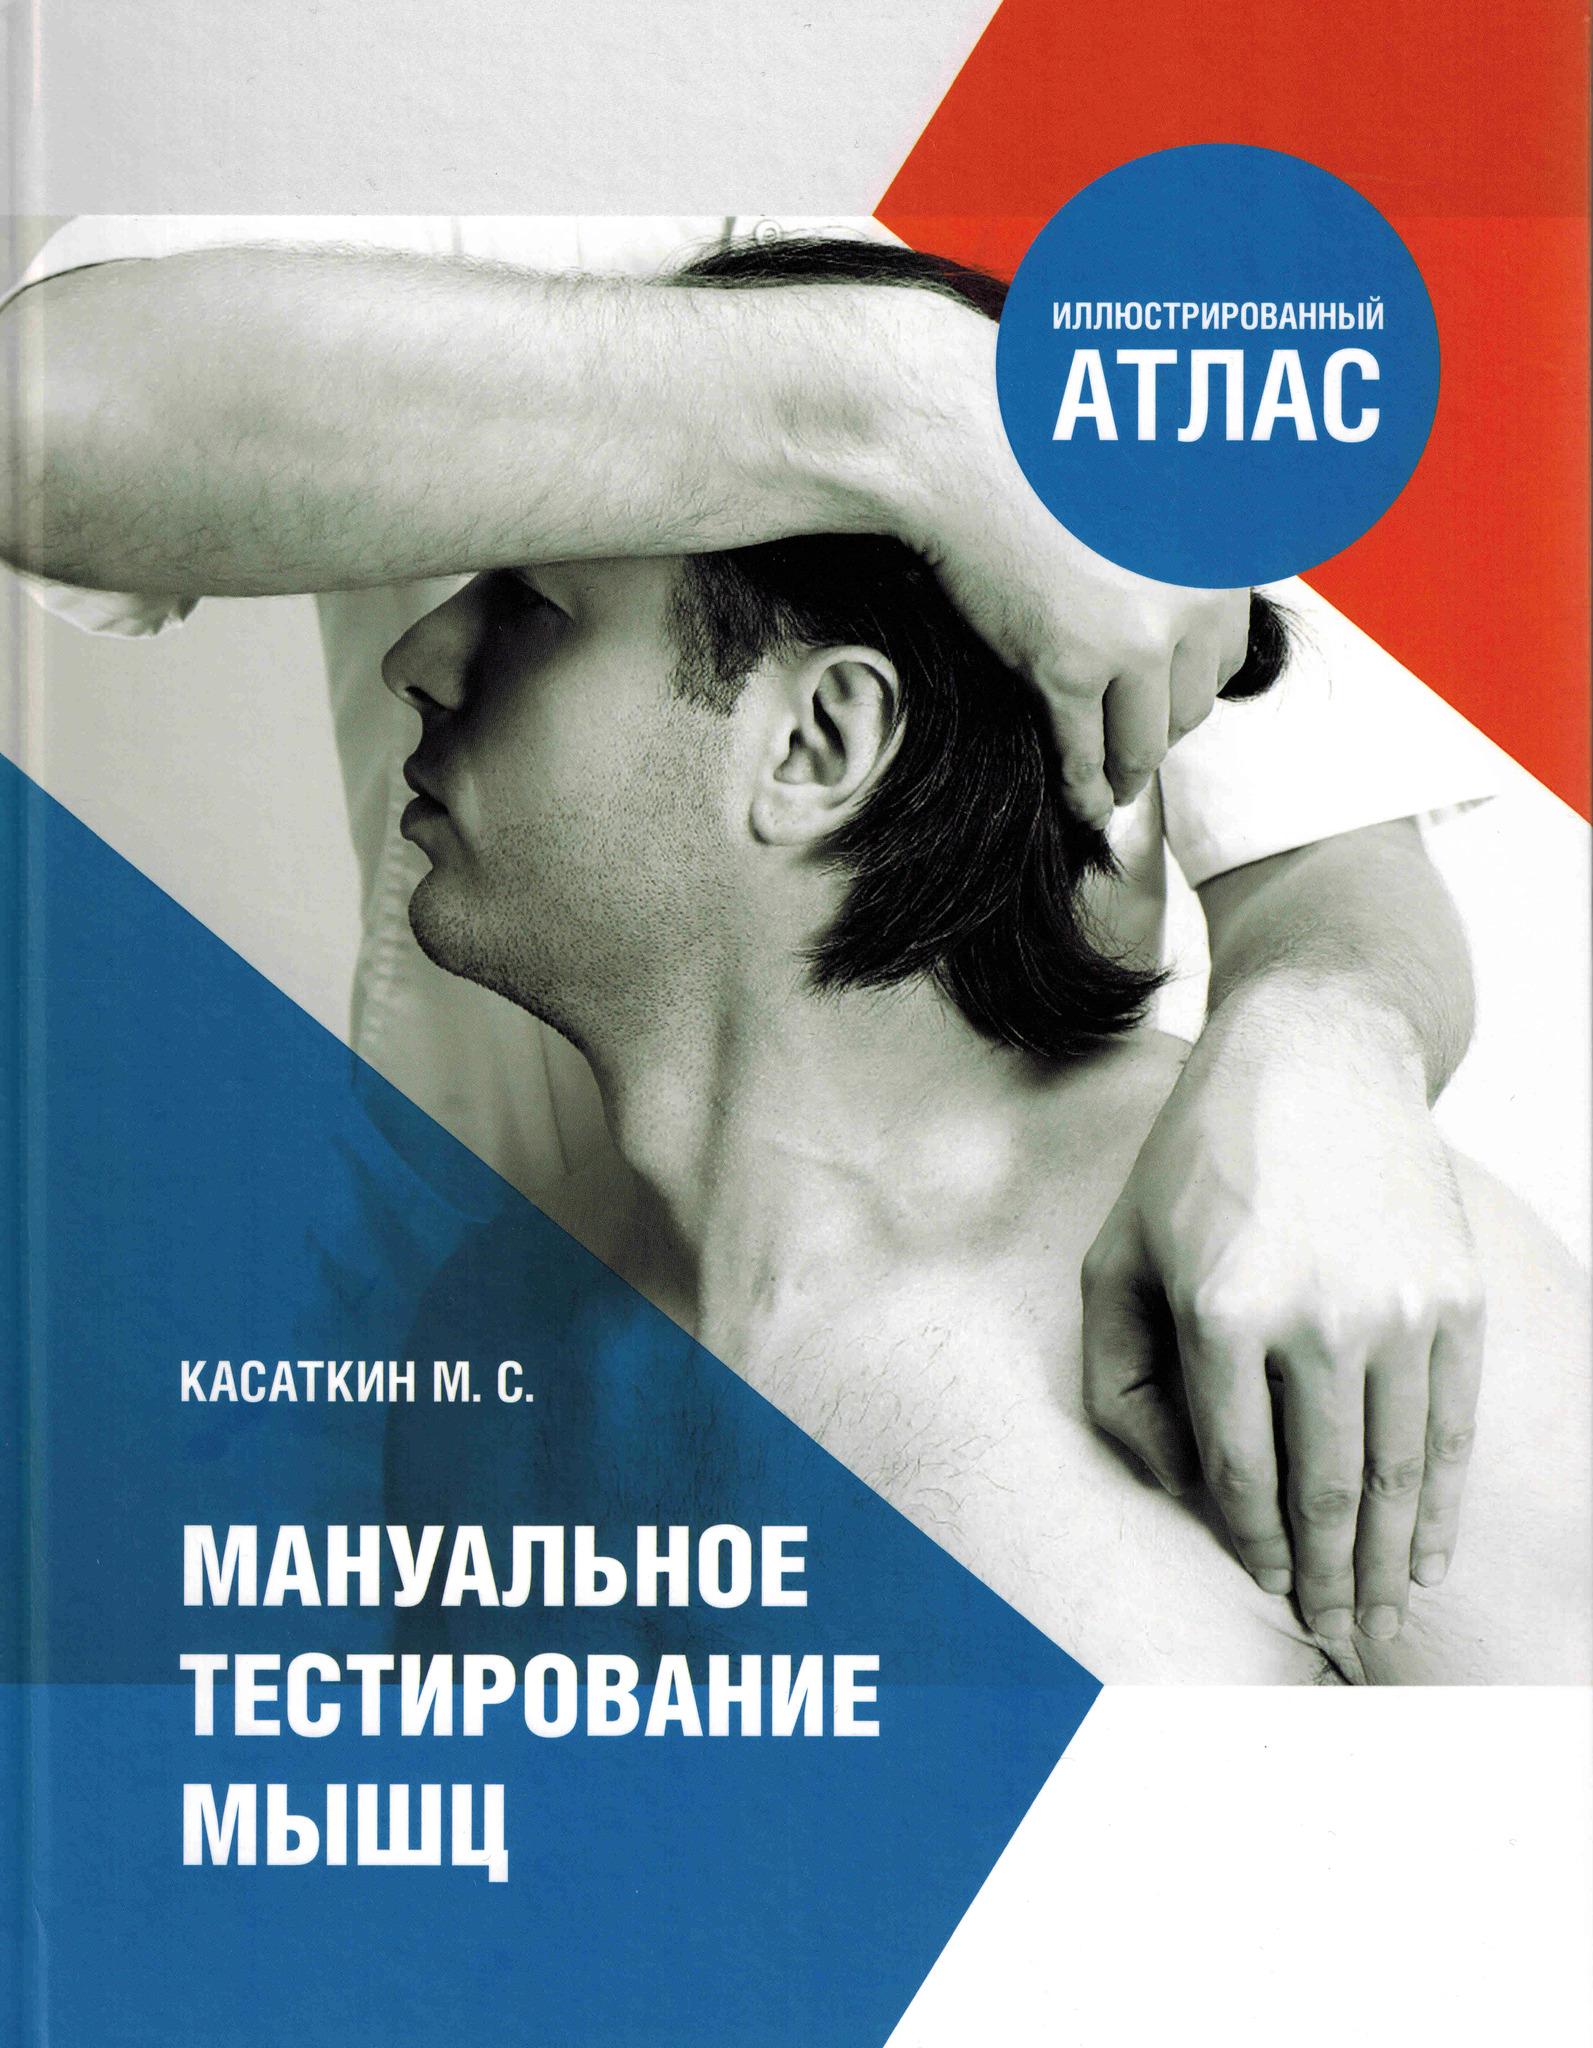 Книги по мануальной терапии Мануальное тестирование мышц. Иллюстрированный атлас mtm1.jpg